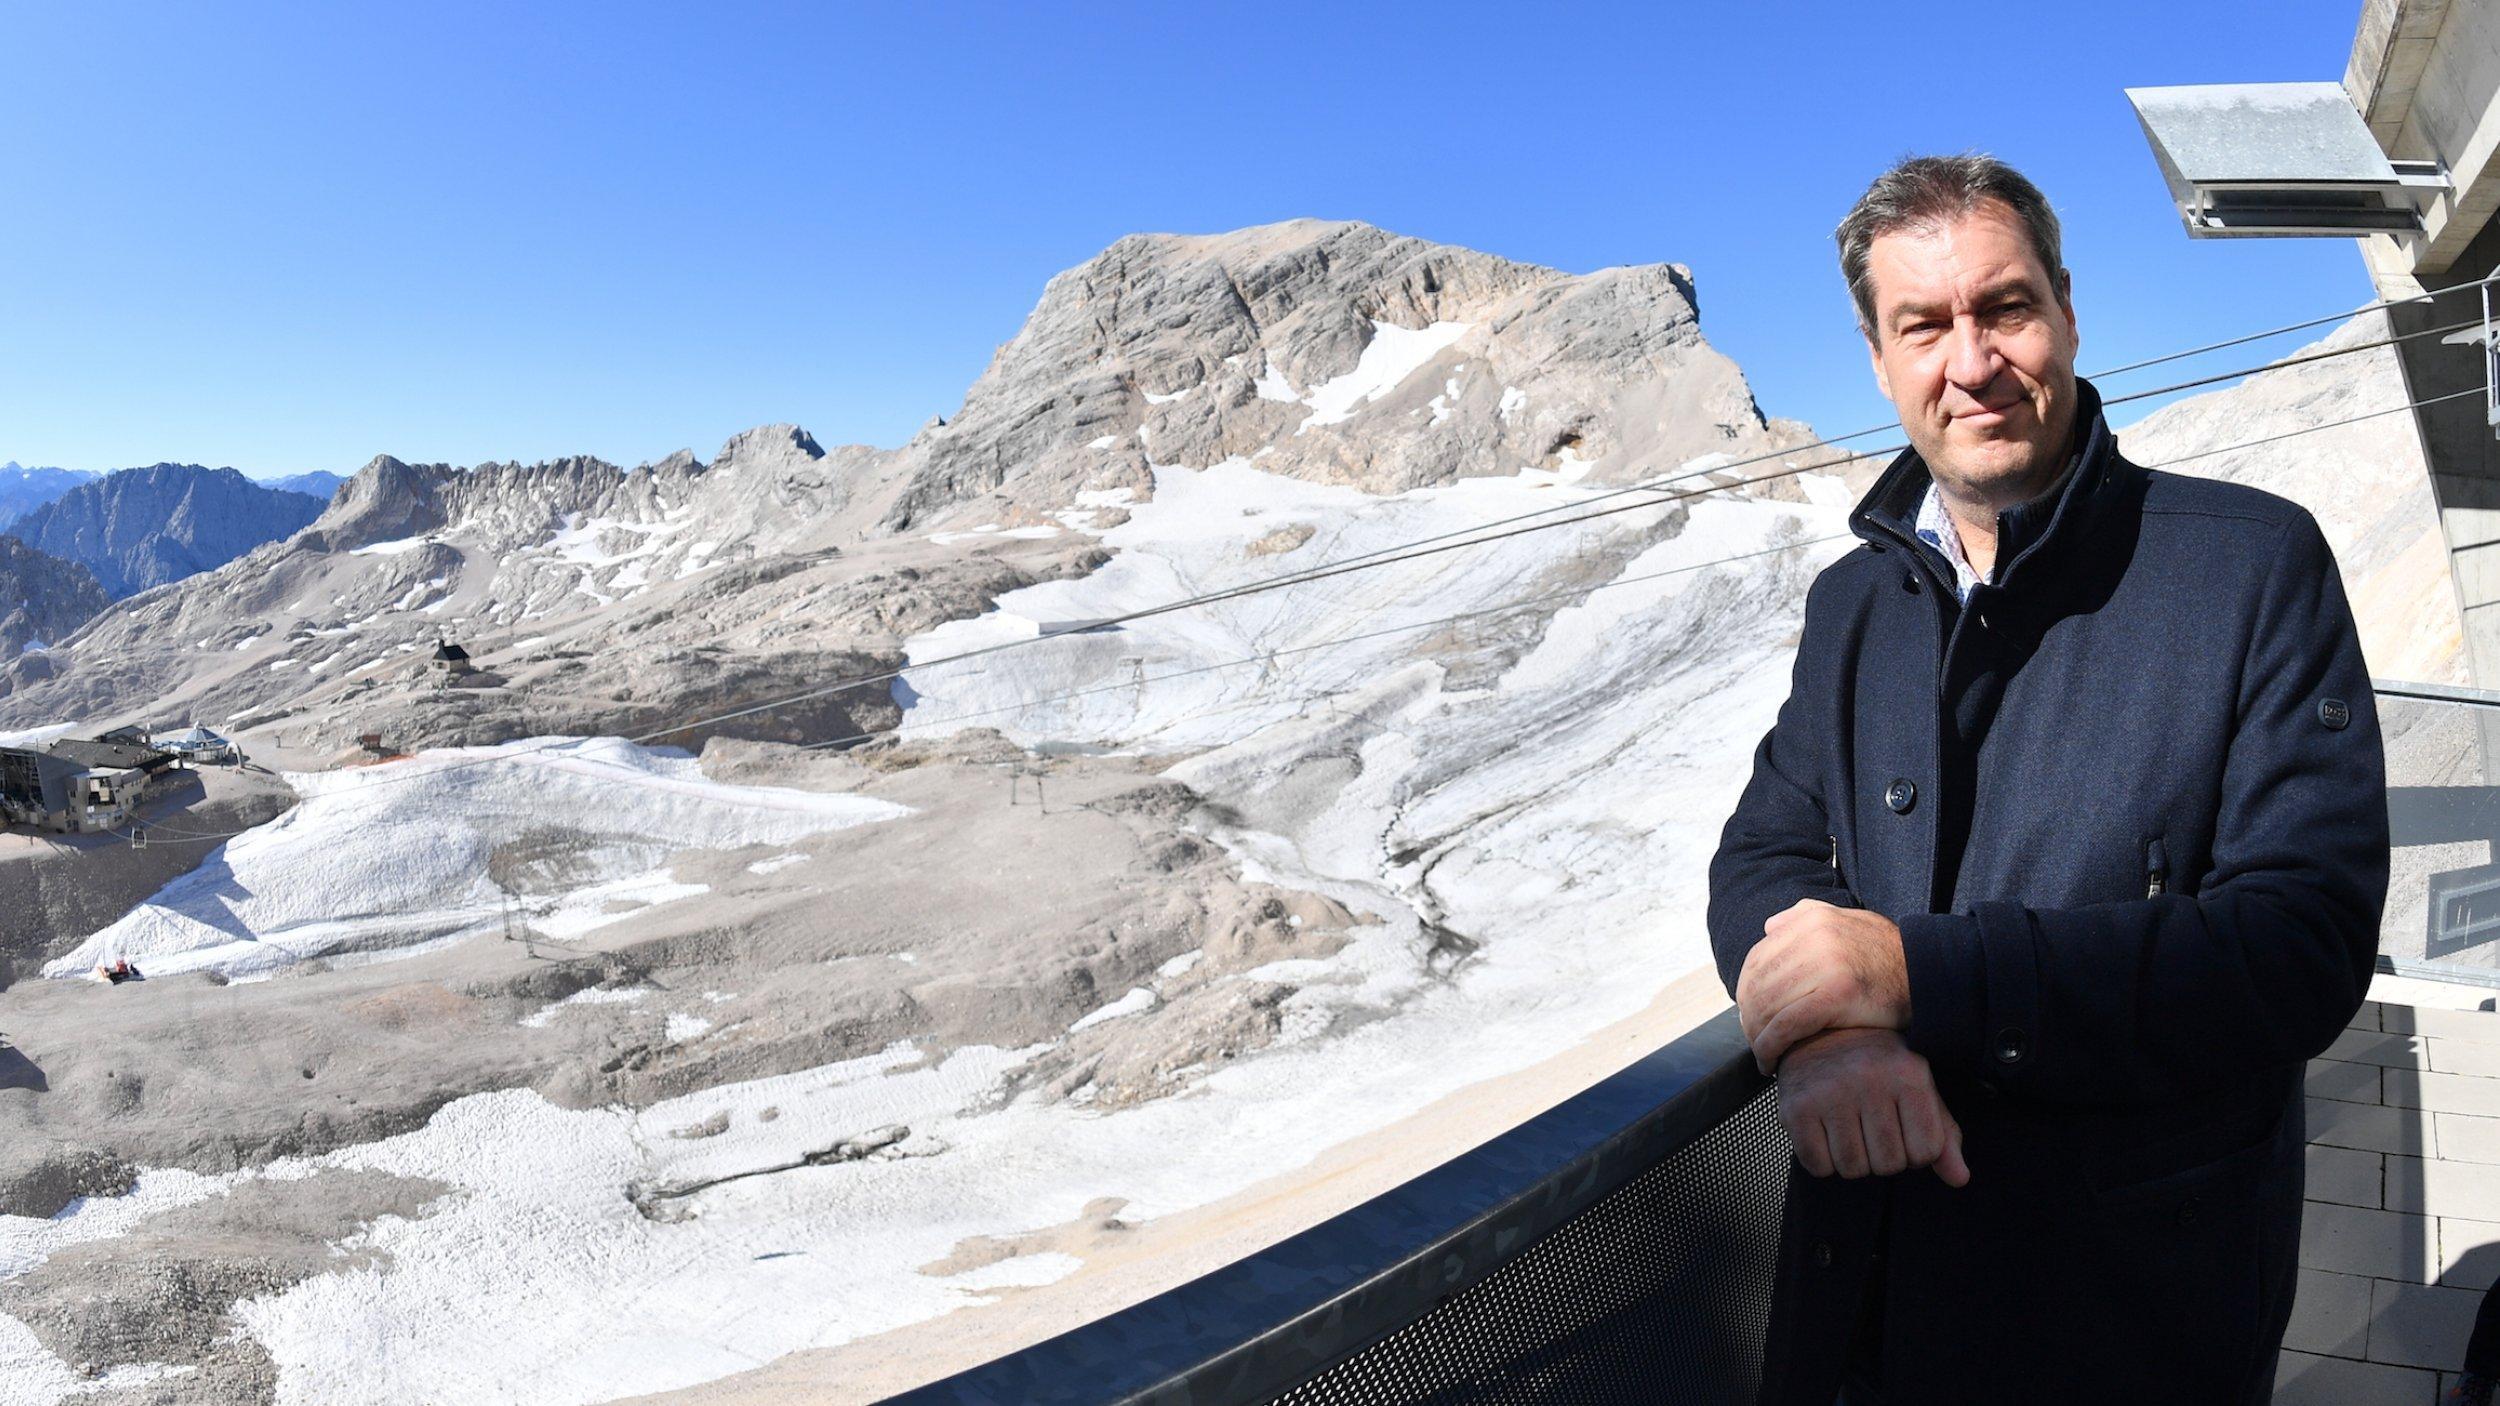 Markus Söder, CSU-Vorsitzender und bayerischer Ministerpräsident, steht rechts im Bild am Geländer eines Balkons und blickt in die Kamera. Hinter und unter ihm ist das Zugspitzplateau mit spärlichem Eis zu sehen. Aufgenommen bei einer Klimatour Anfang September auf der Zugspitze.